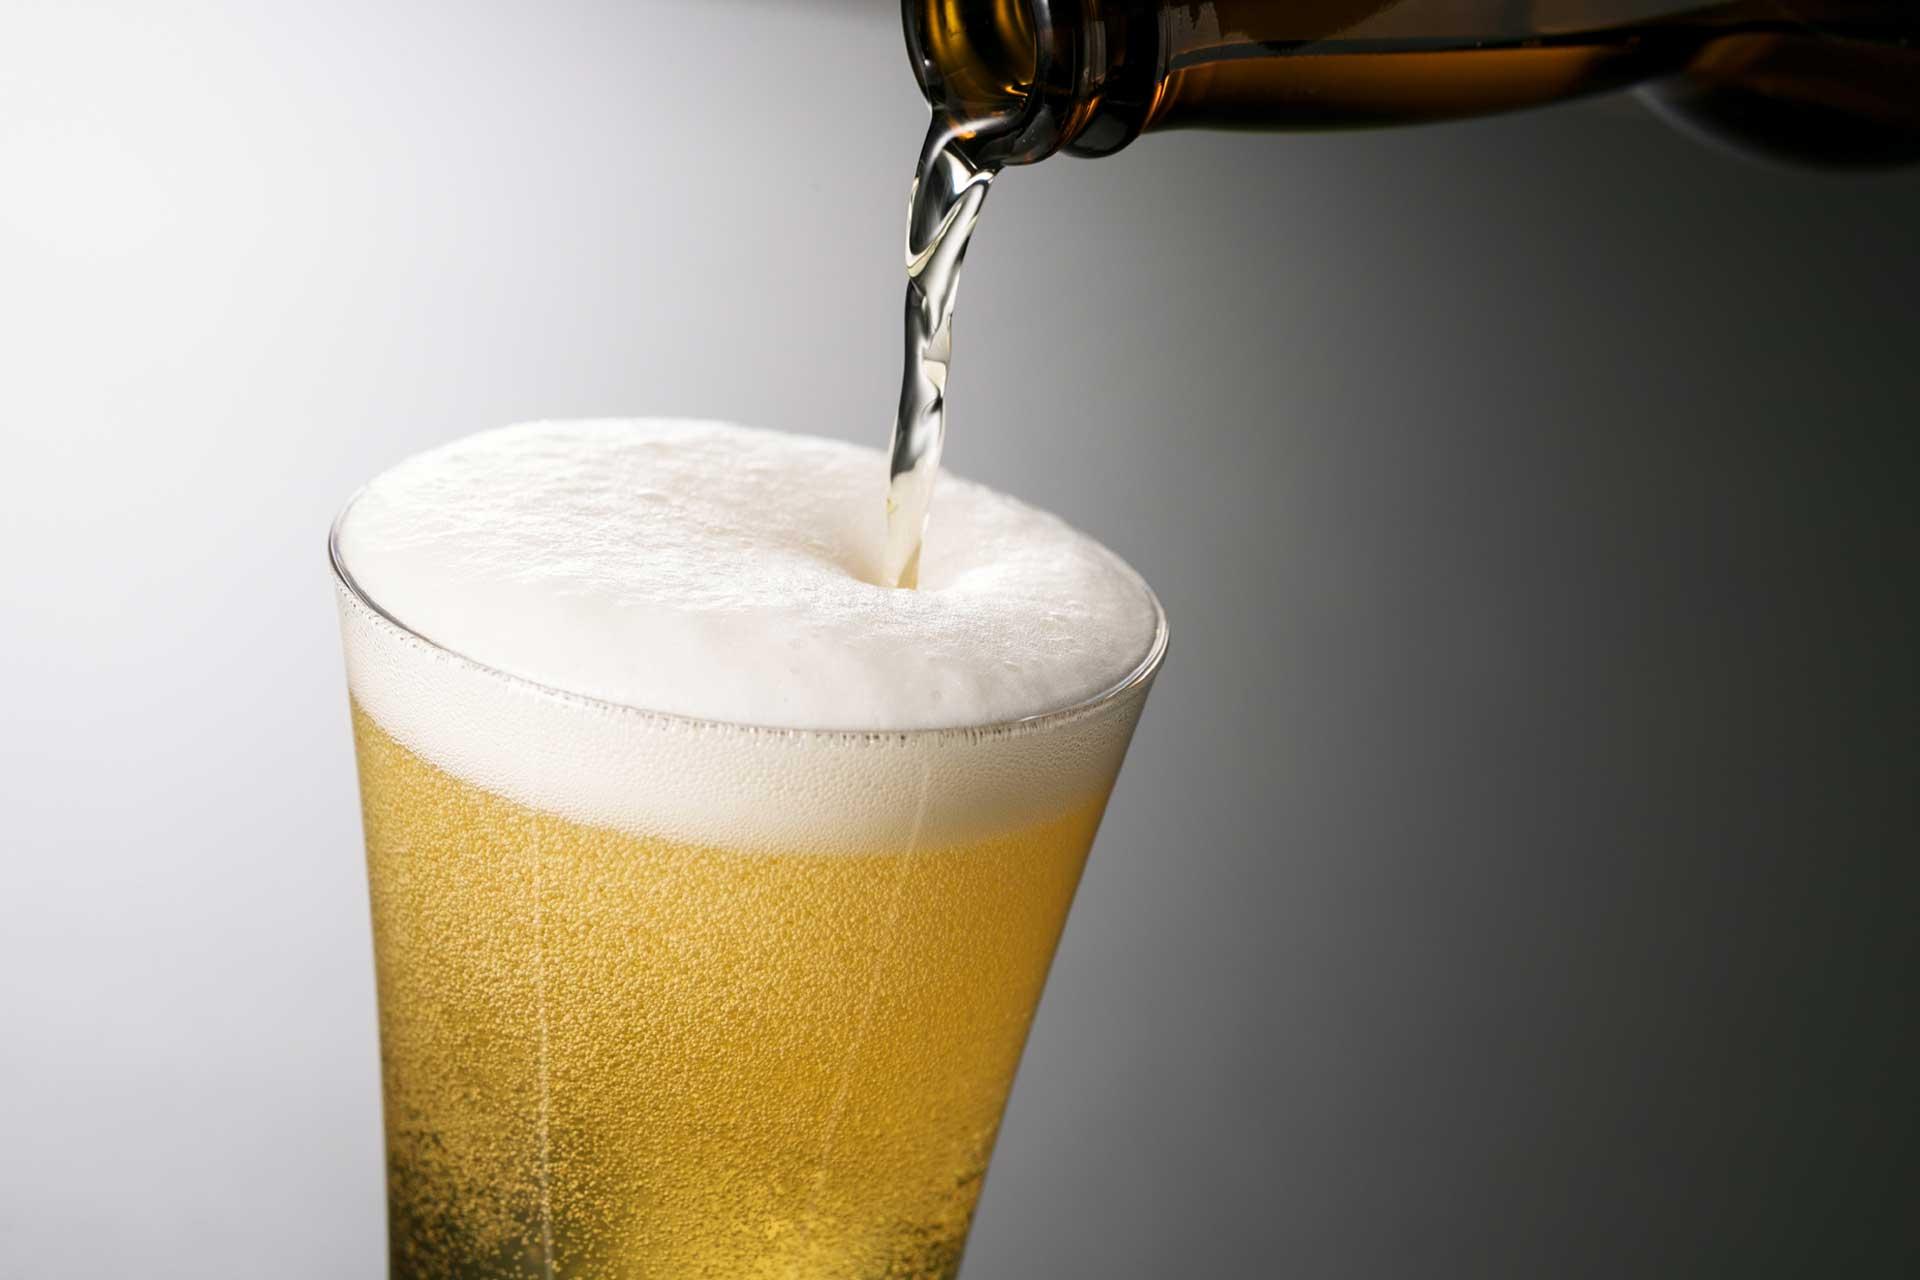 [受注予約]数量限定・生ビール 川場ビール ヴァイツェンの商品詳細イメージ-1653